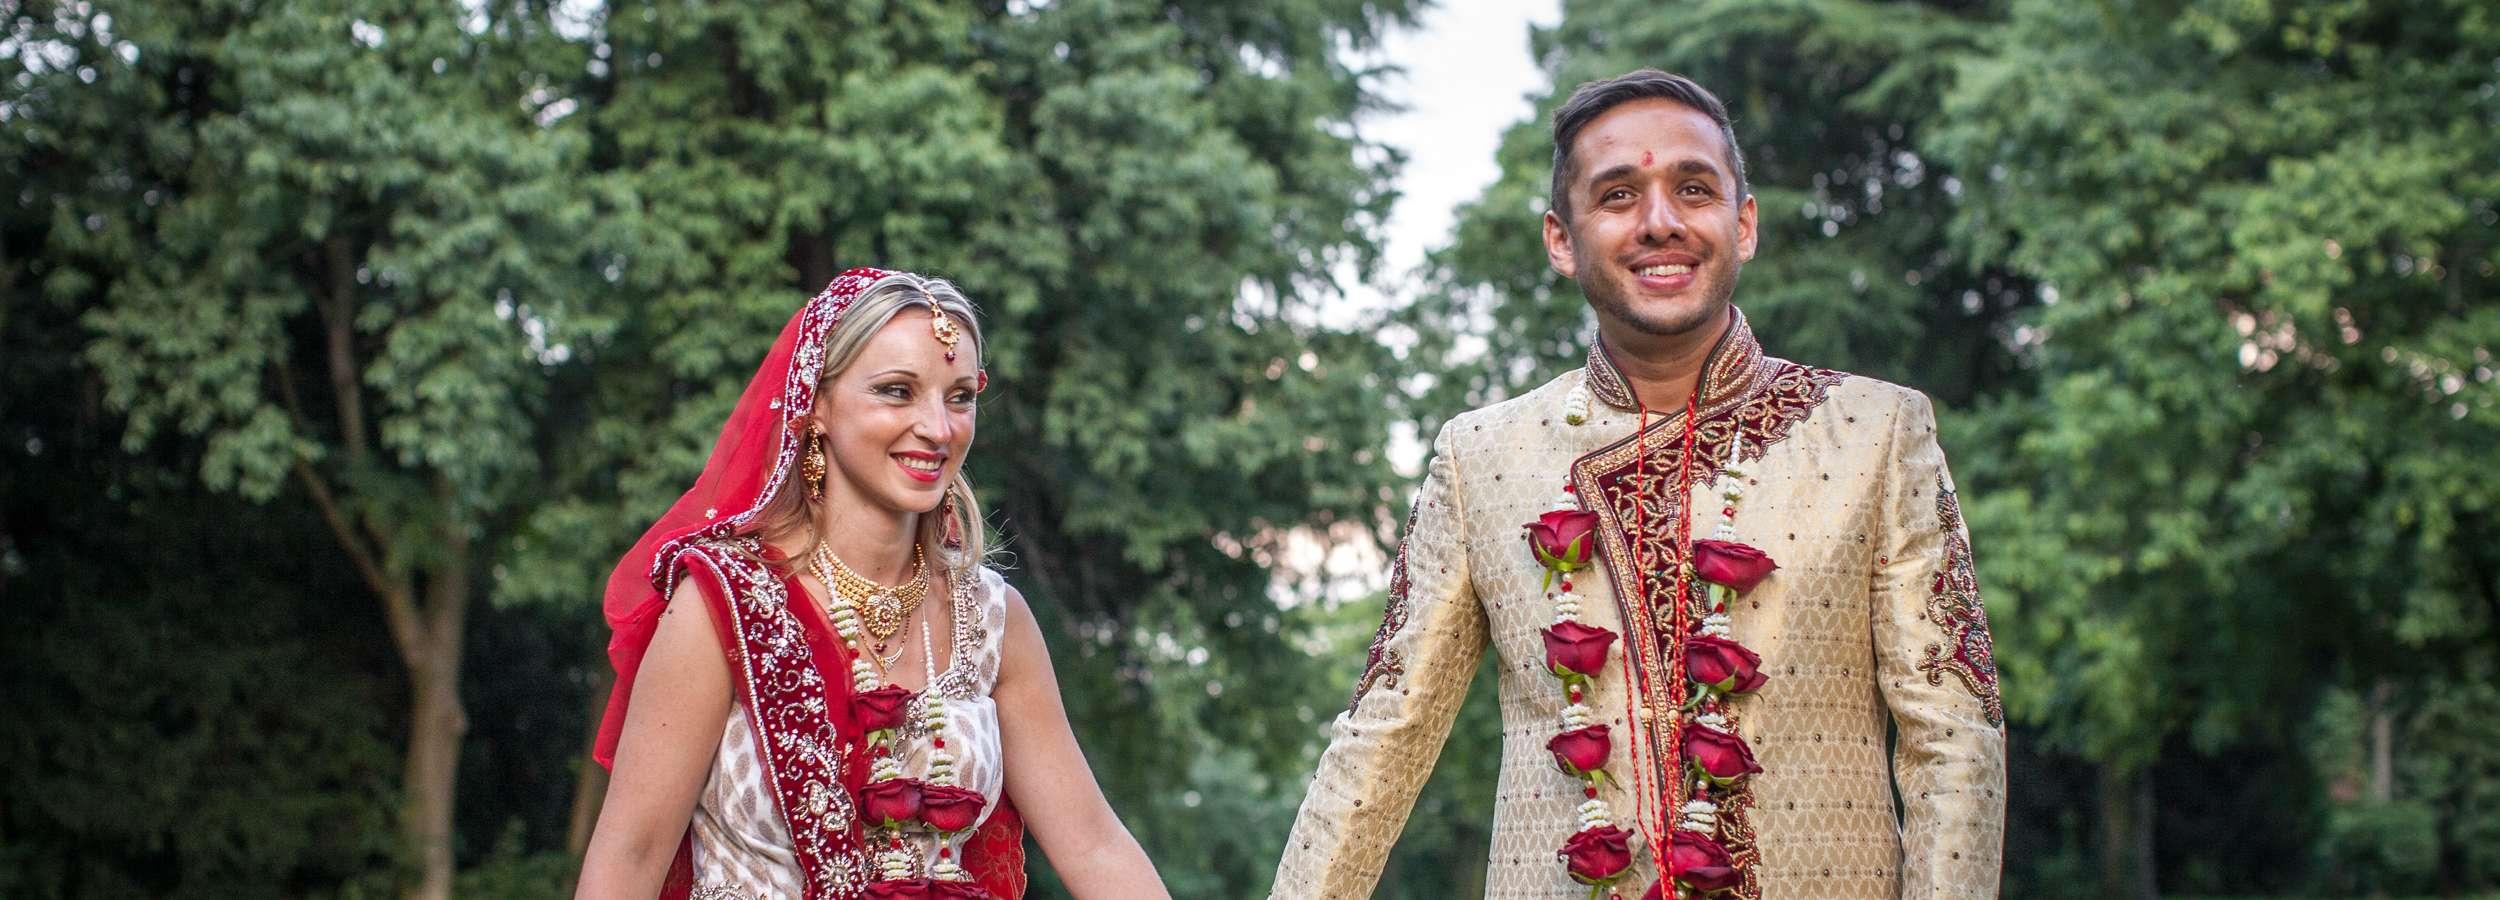 Matrimonio In Fotografia : Reportage fotografico matrimonio indiano a villa cavenago